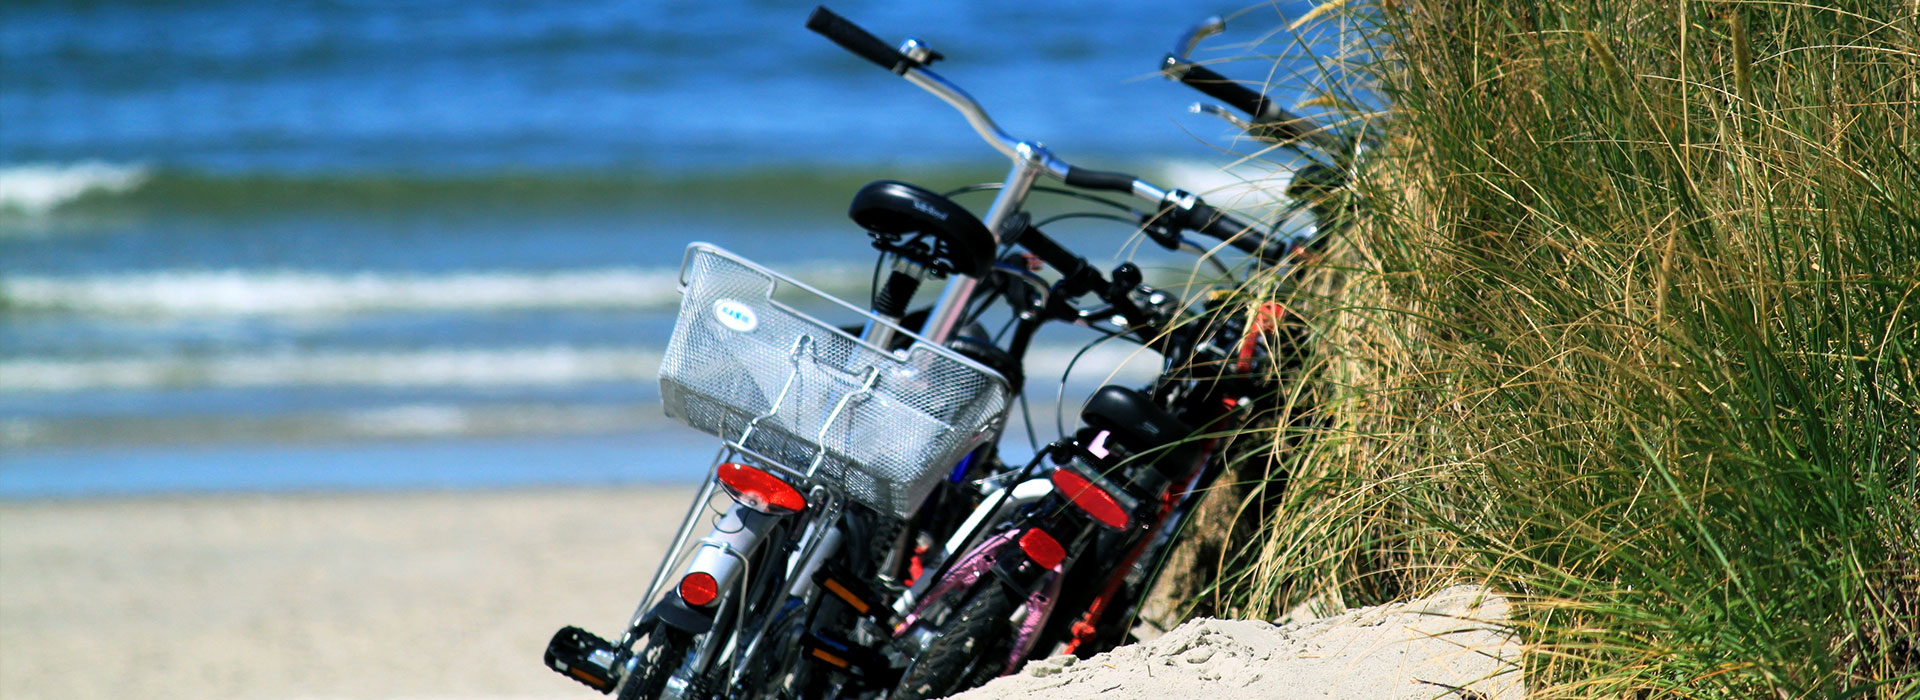 Dagtrip-Schiermonnikoog-vakantie-in-Friesland-Ljeppershiem-vakantiepark-fietsen